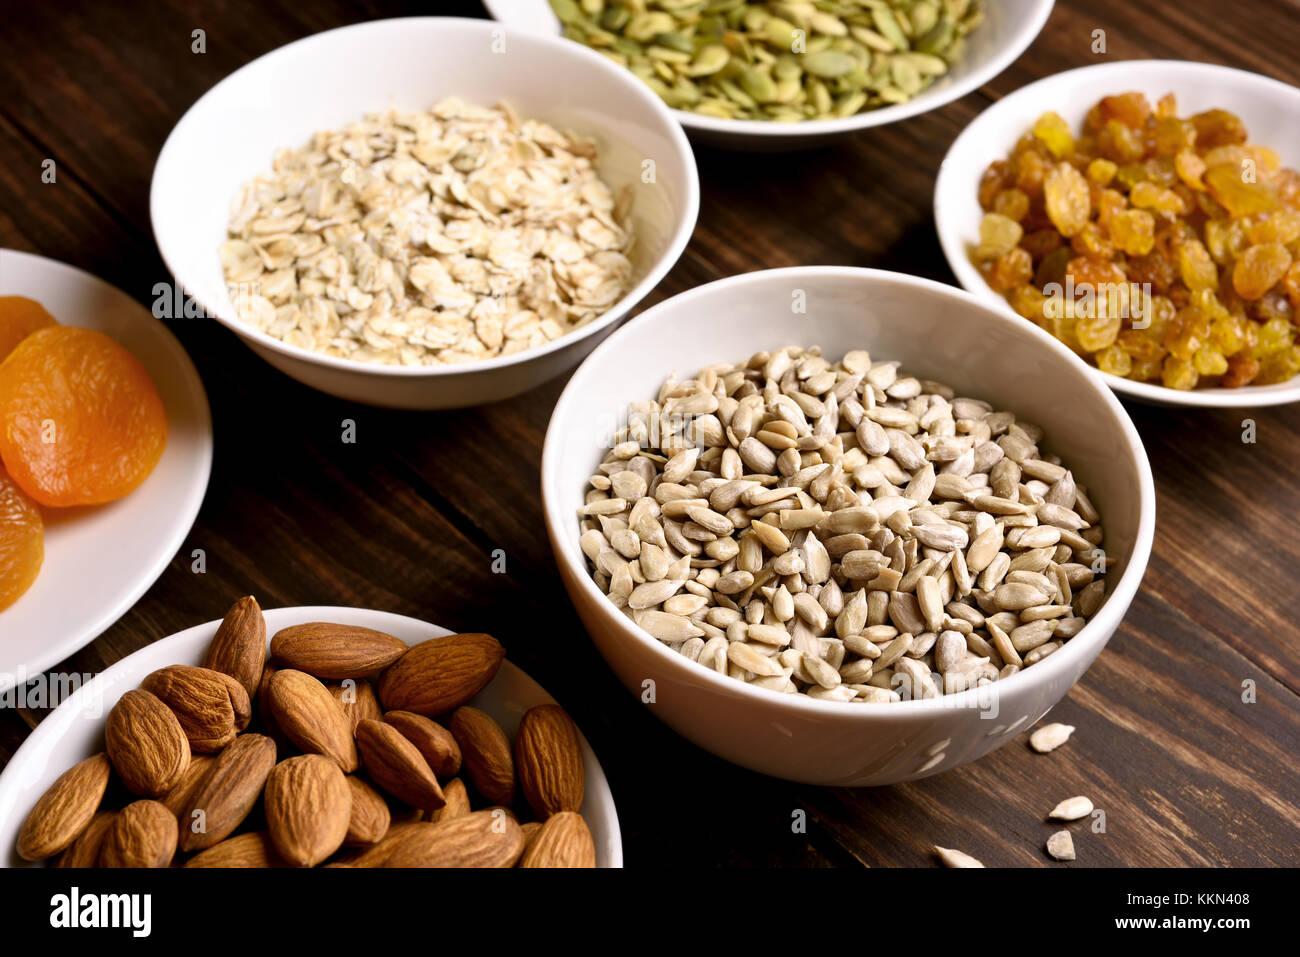 Sana colazione con noci, semi e frutta secca. concetto naturale del cibo biologico Immagini Stock